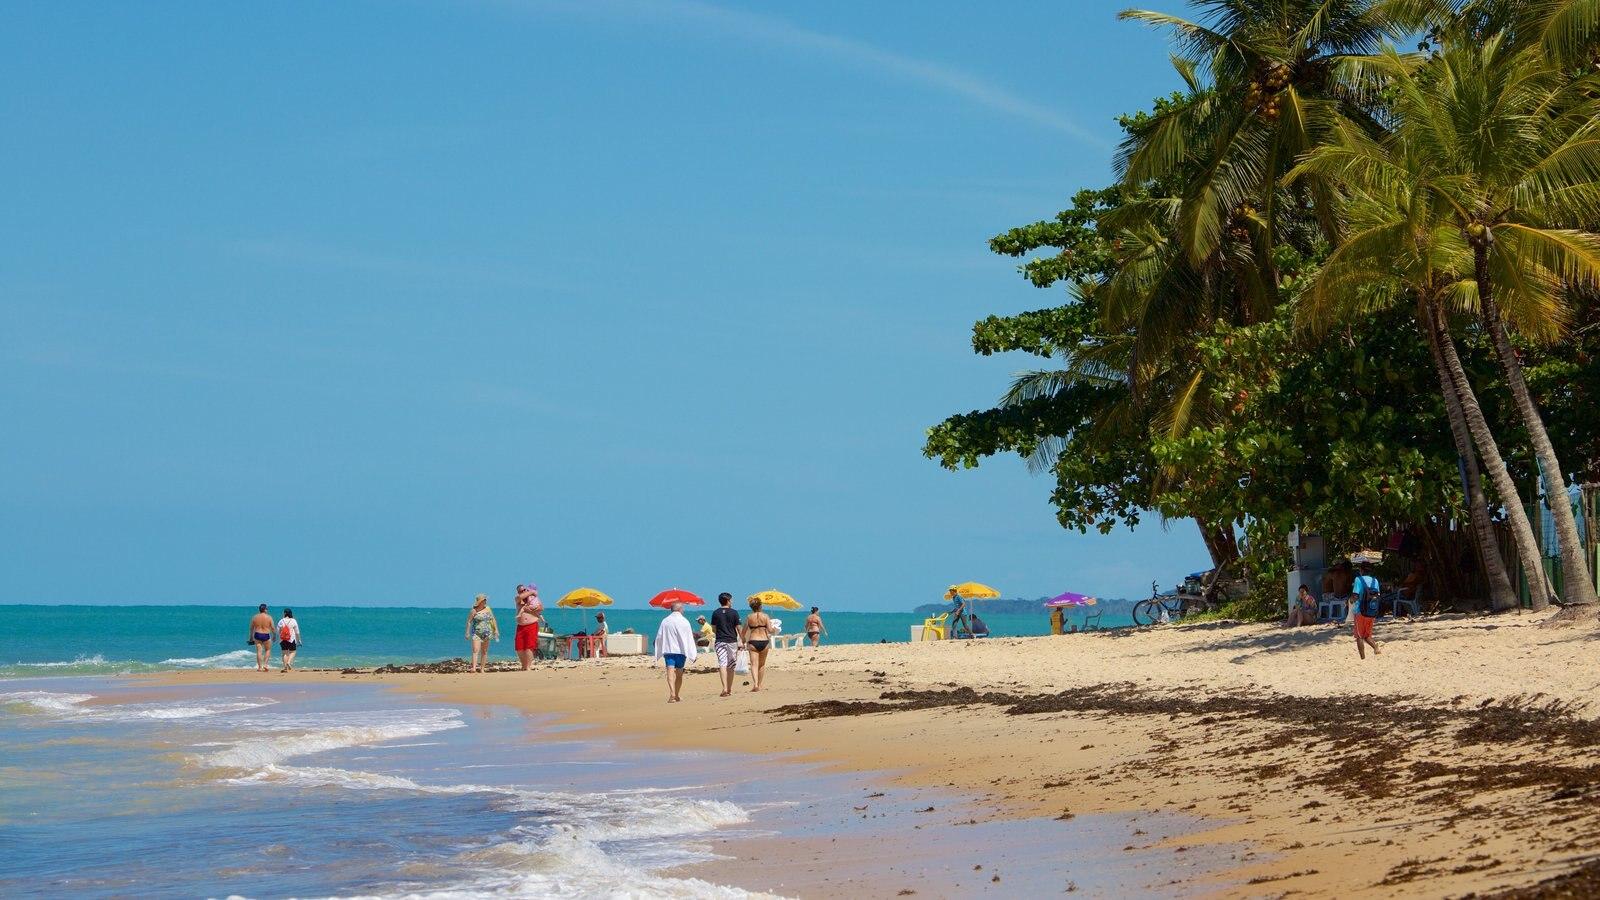 Praia de Pitinga mostrando cenas tropicais, paisagens litorâneas e uma praia